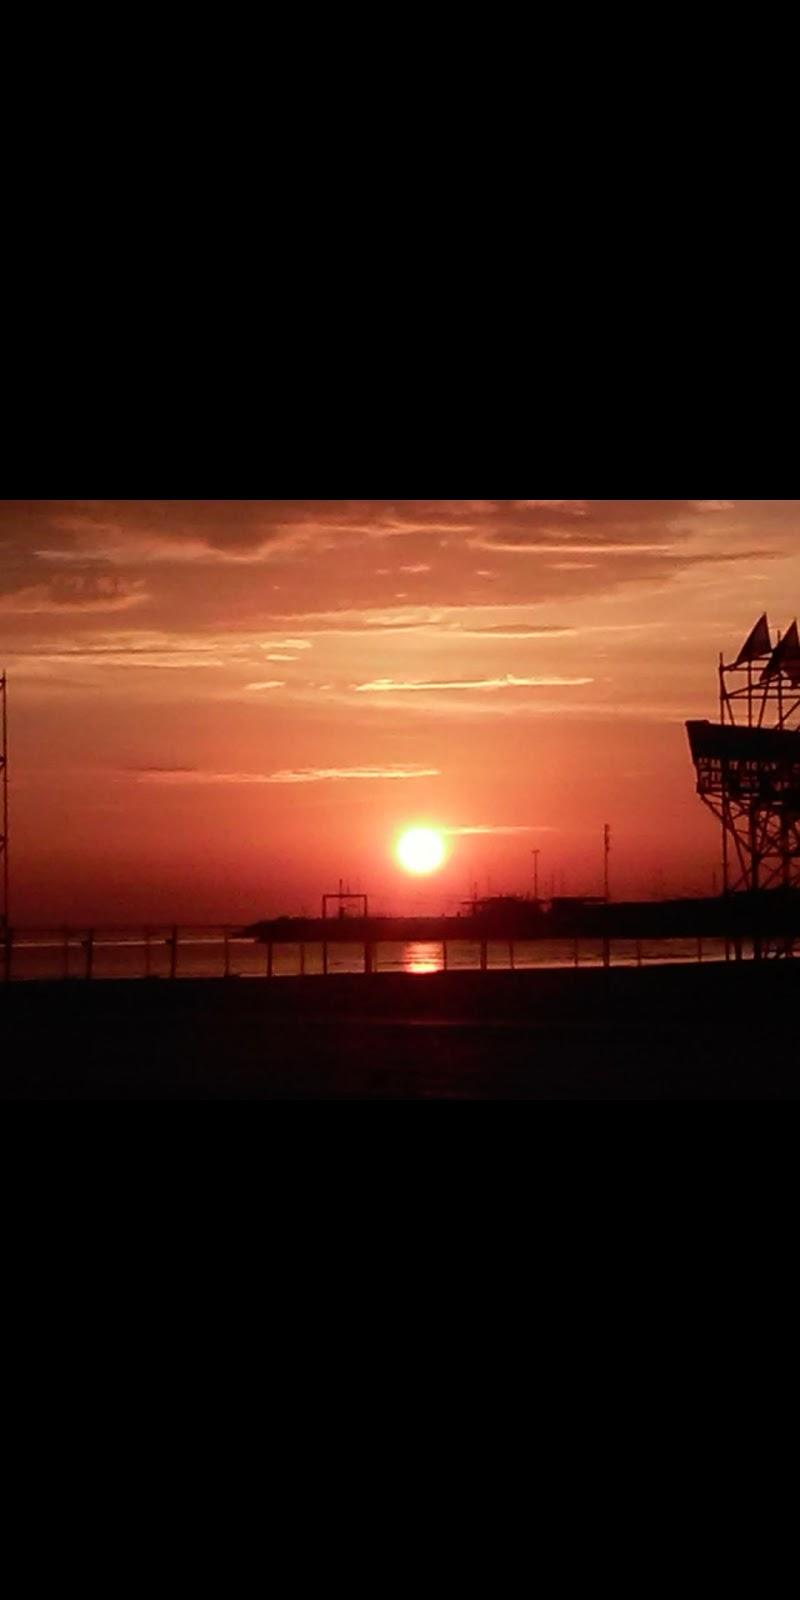 Infiniti tramonti di Emanuela Pelusi